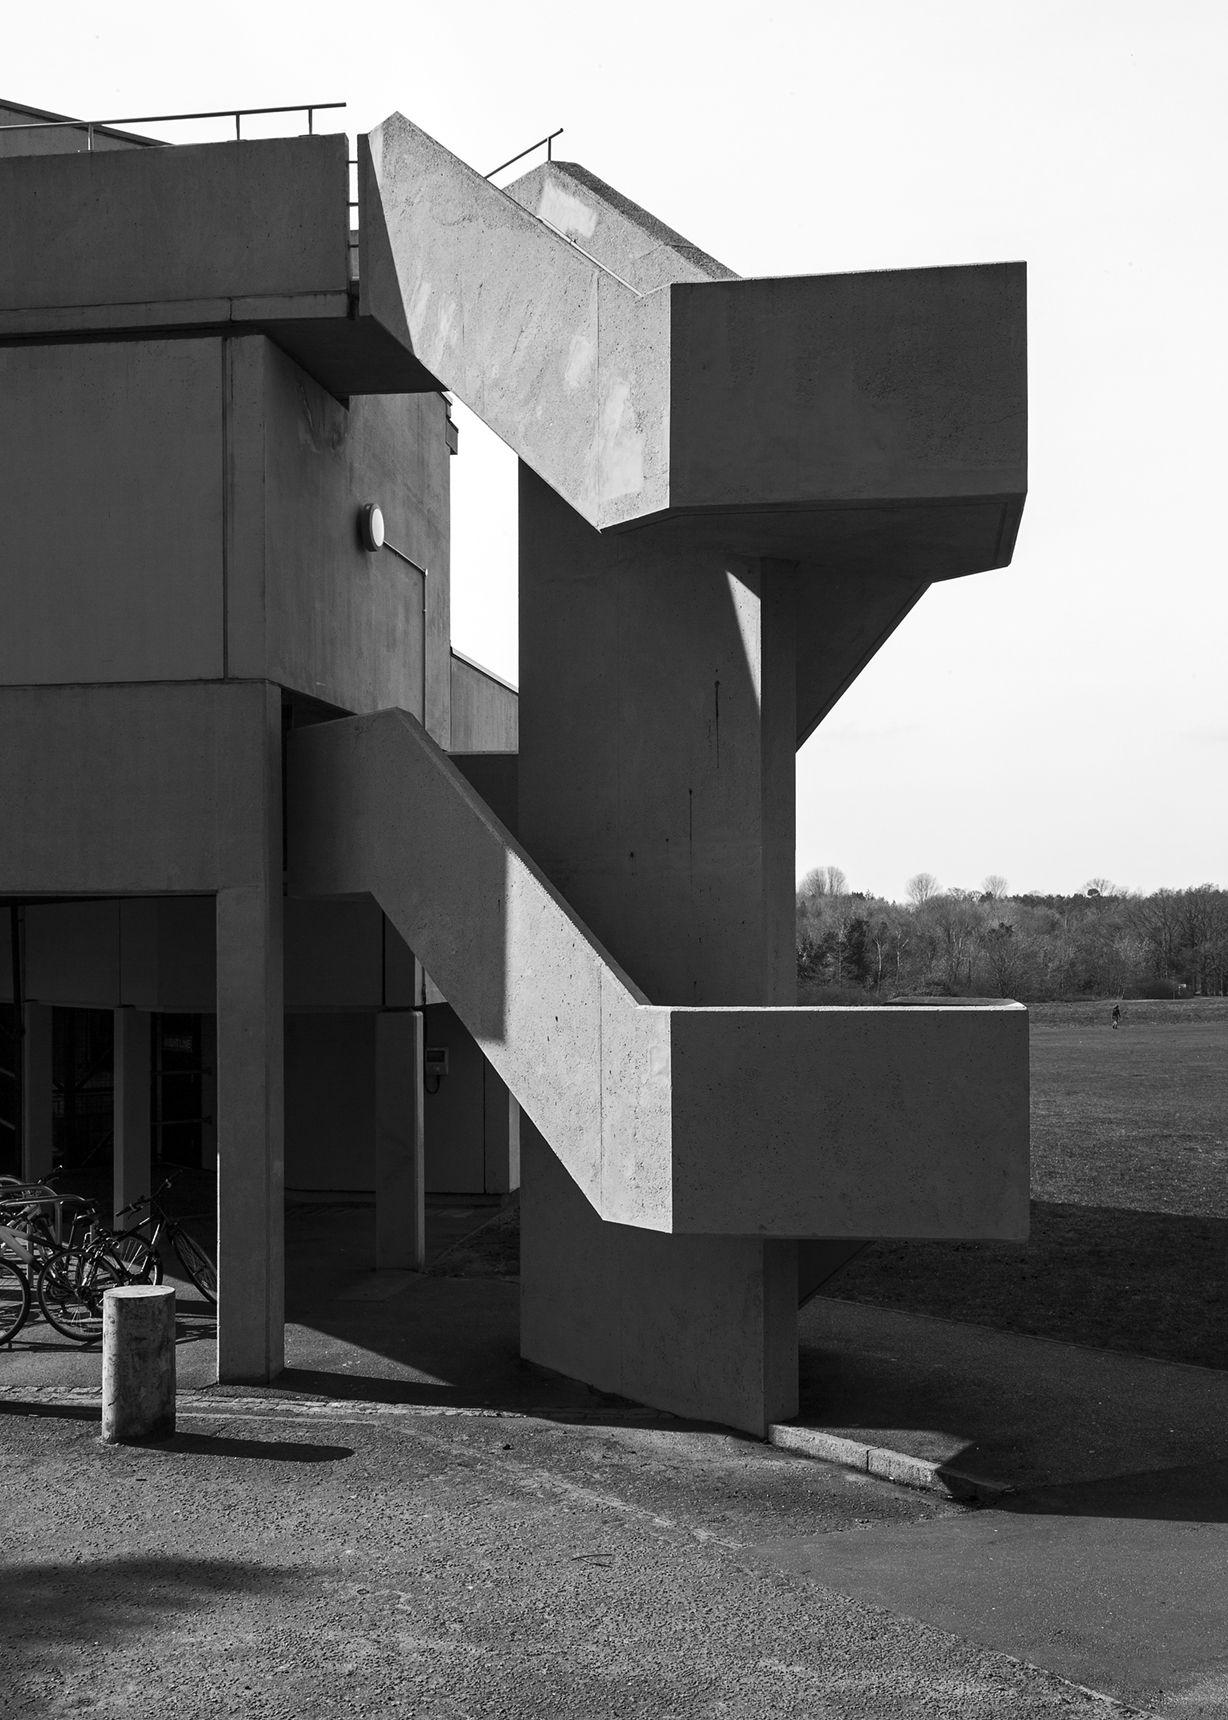 University of East Anglia 6, Norwich, Denys Lasdun, 1962-68  Simon Phipps http://new-brutalism.tumblr.com